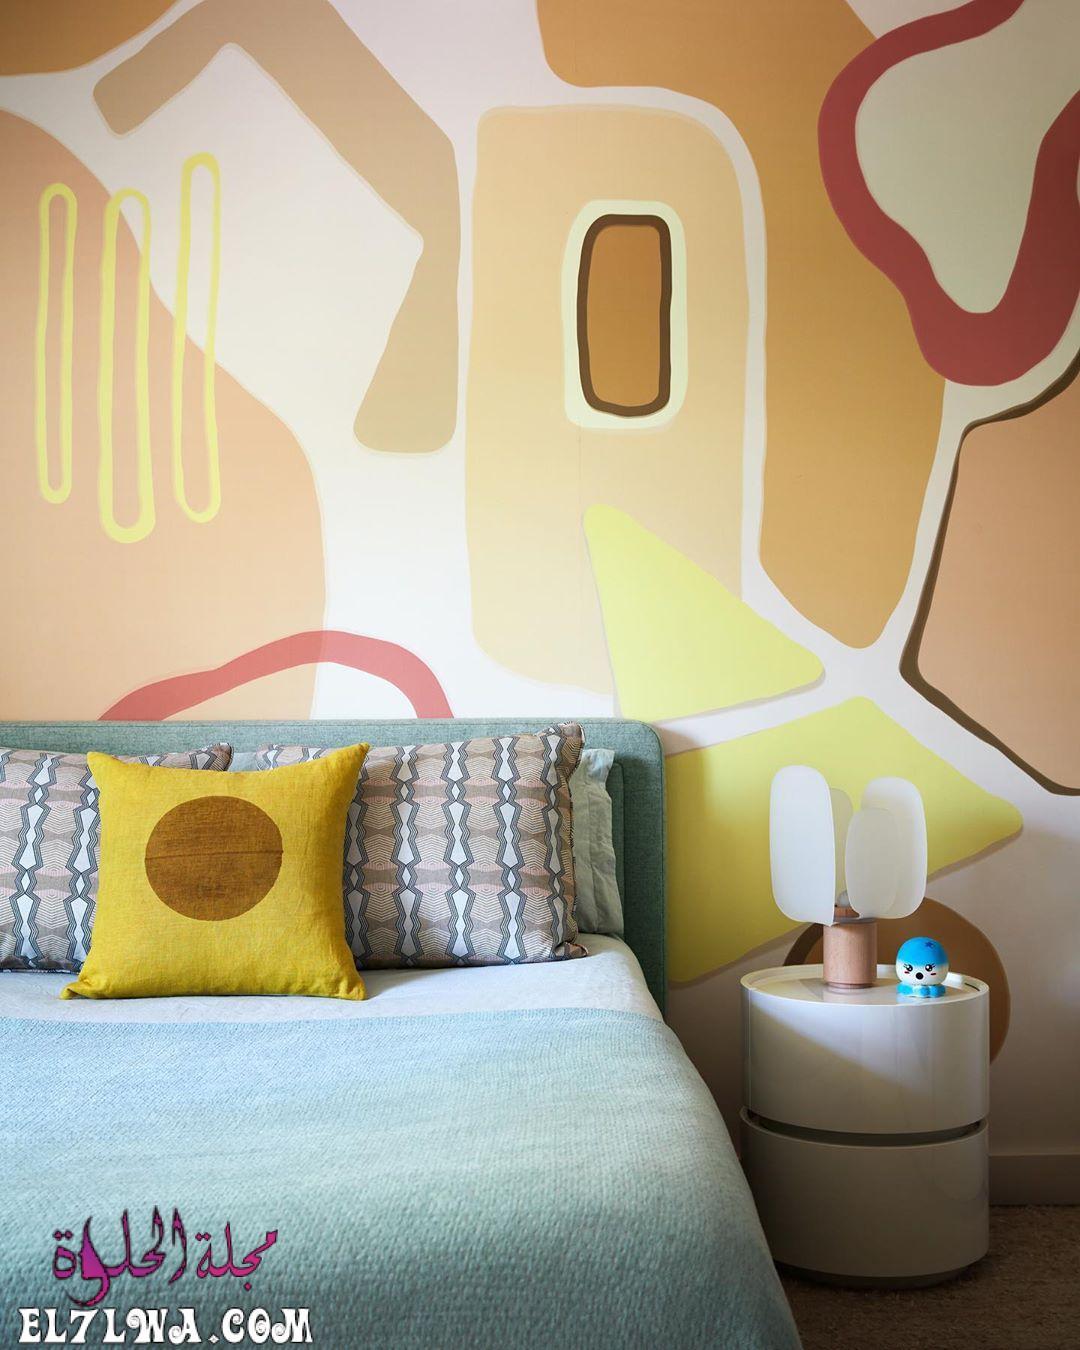 دهانات حوائط غرف نوم باللون الأصفر